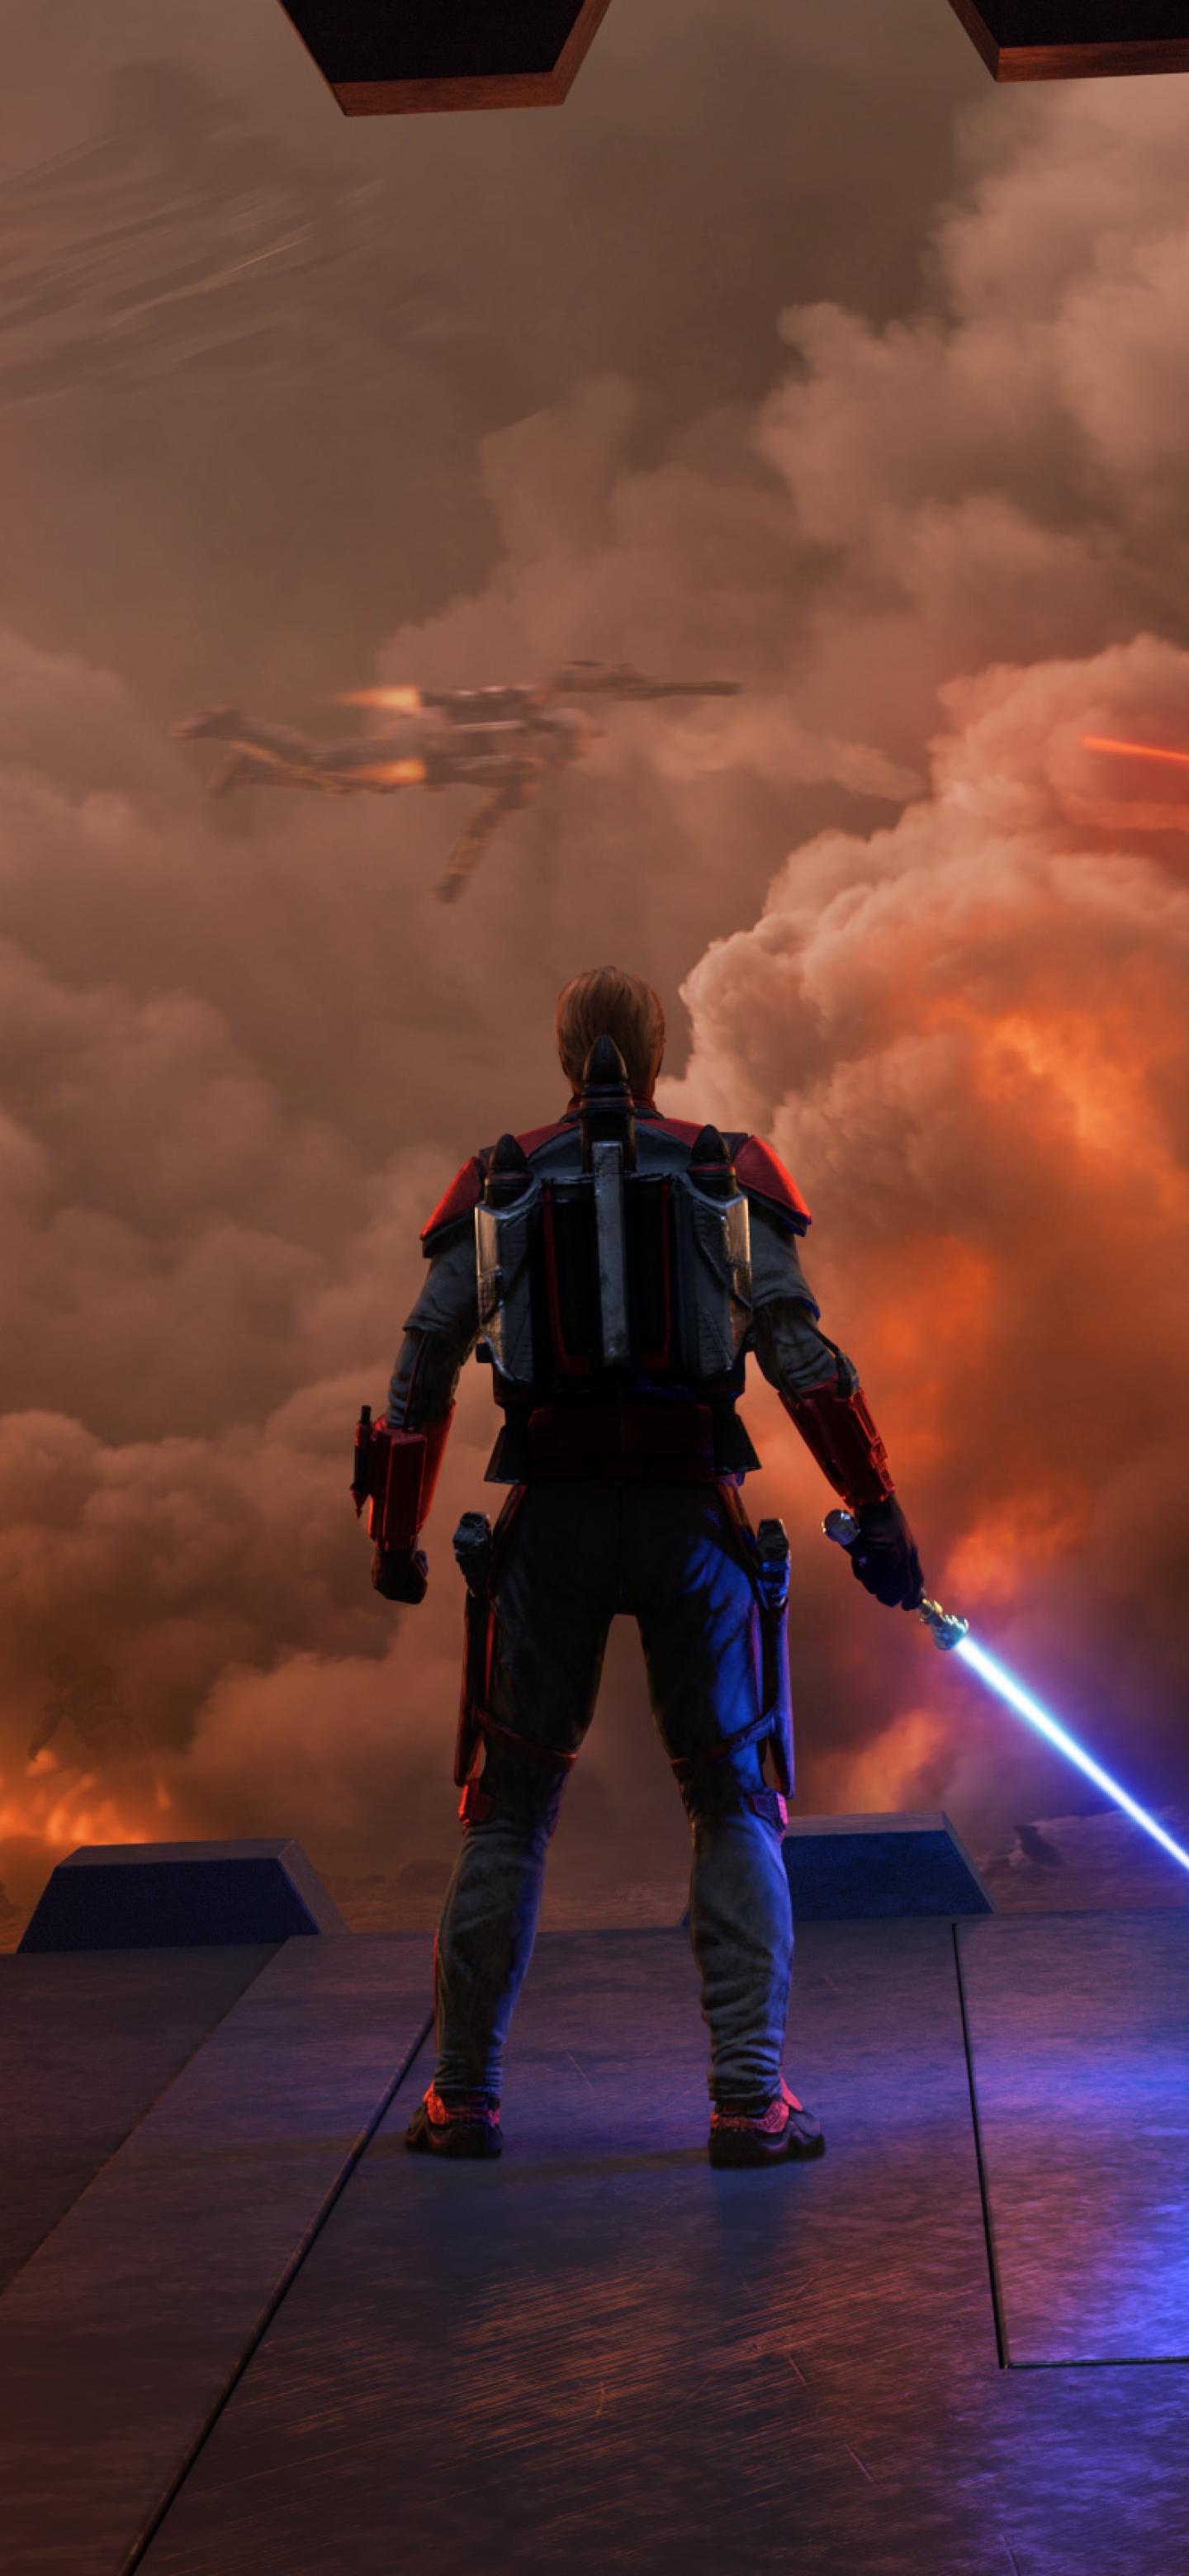 star wars siege of